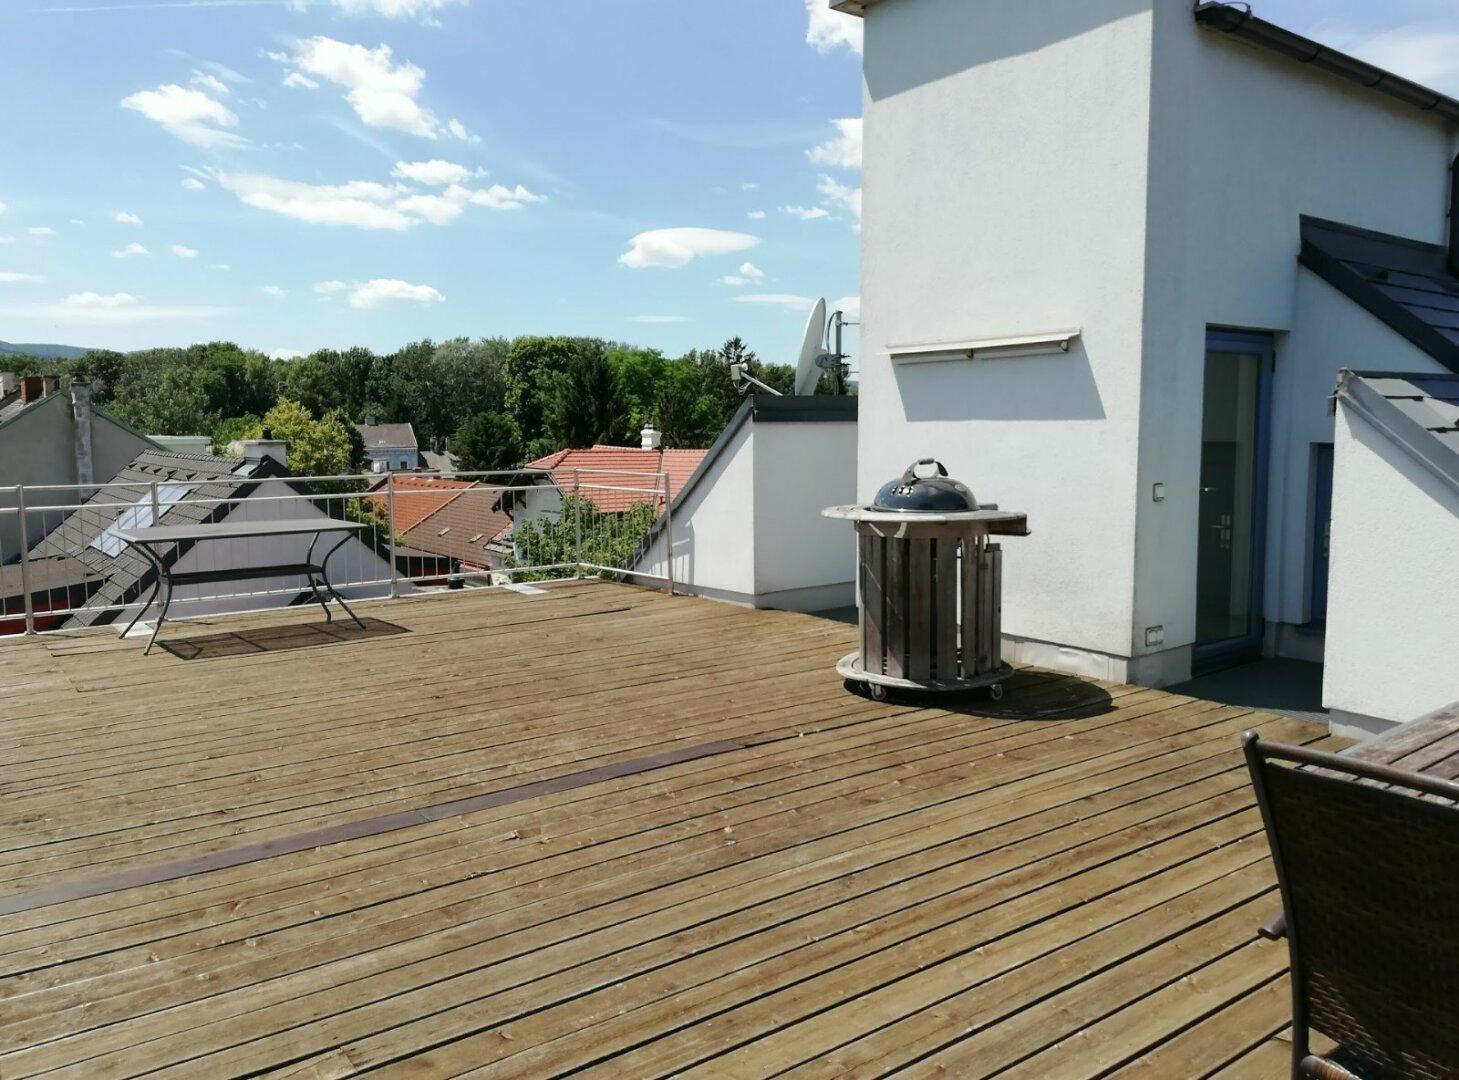 Terrasse mit Lift und Stauräumen